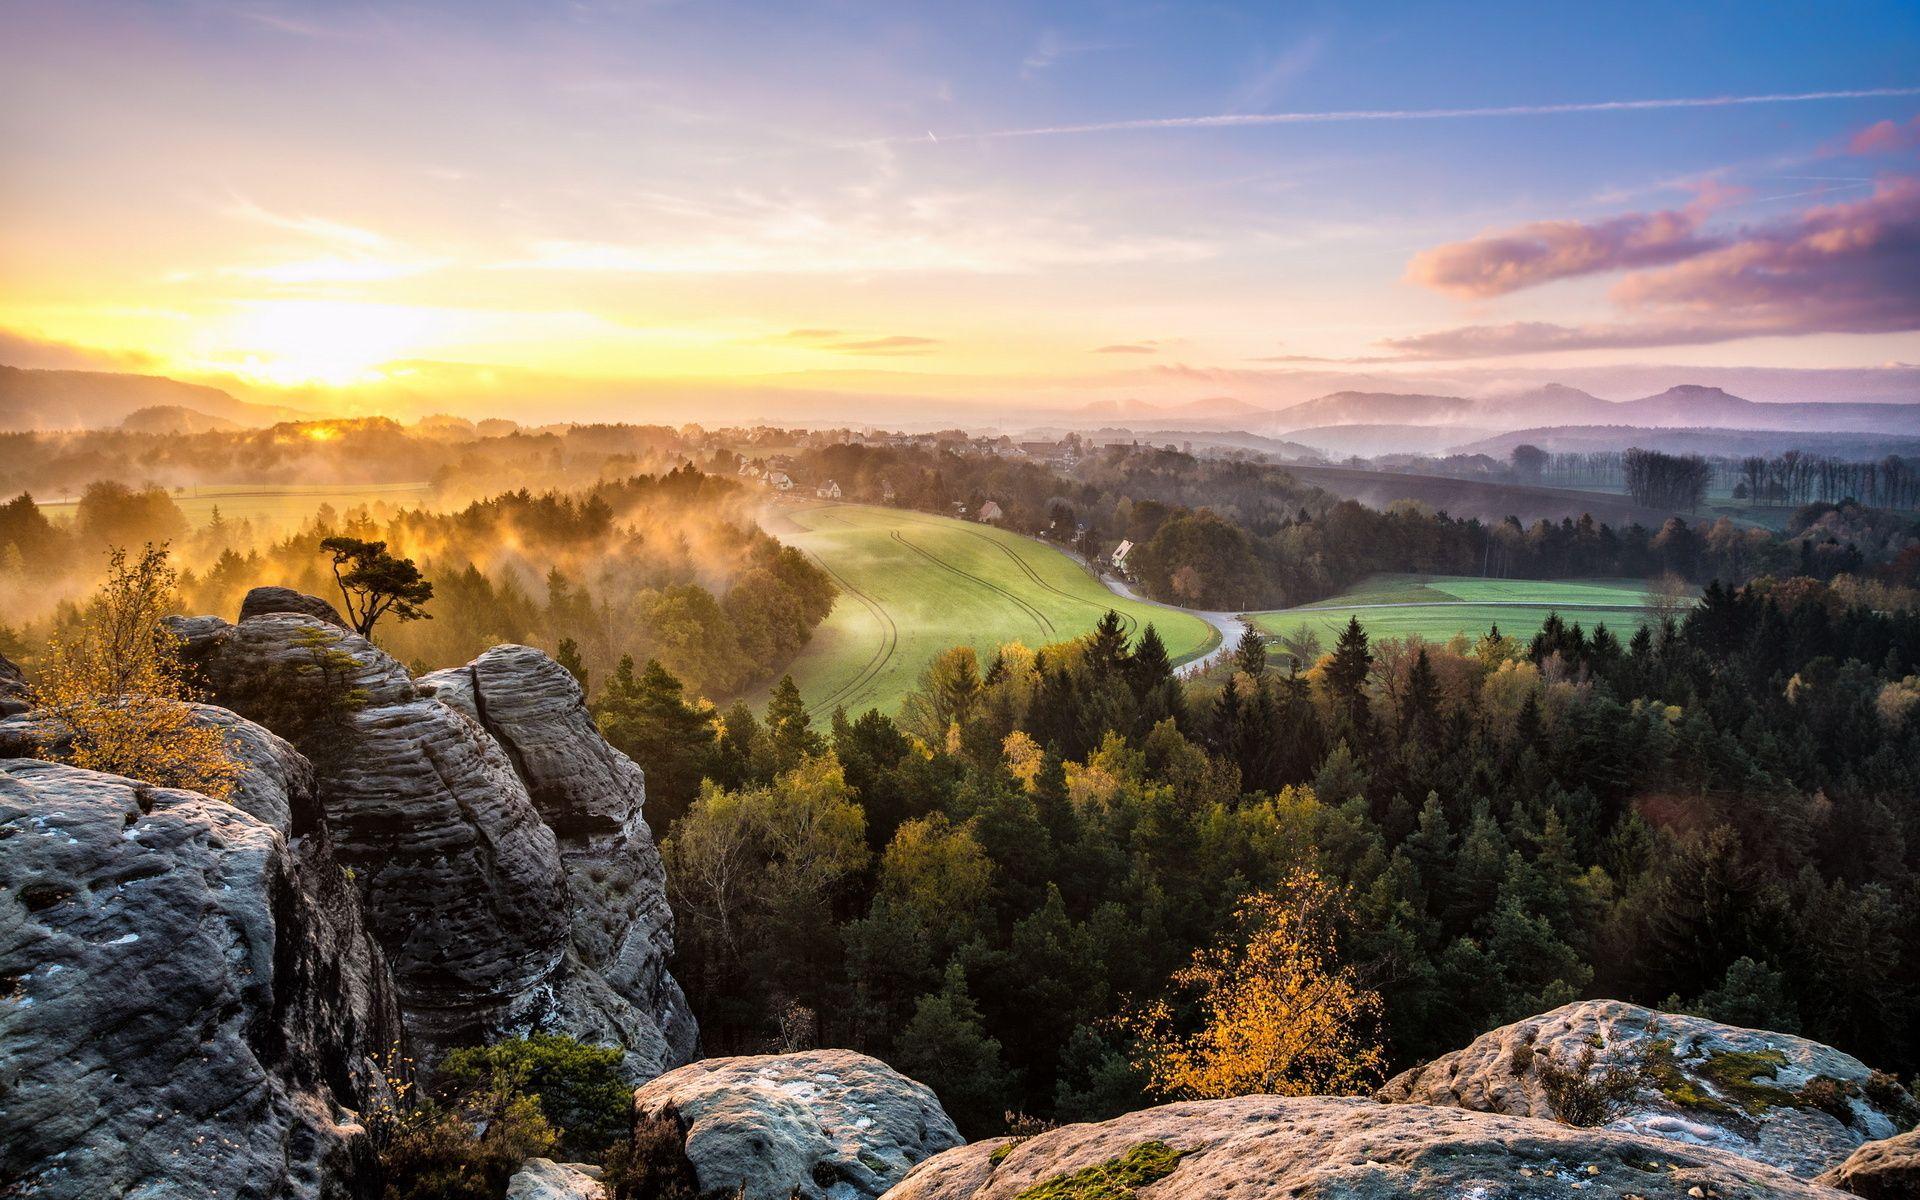 Morning Sunrise Morning mist mountain sunrise Wallpaper